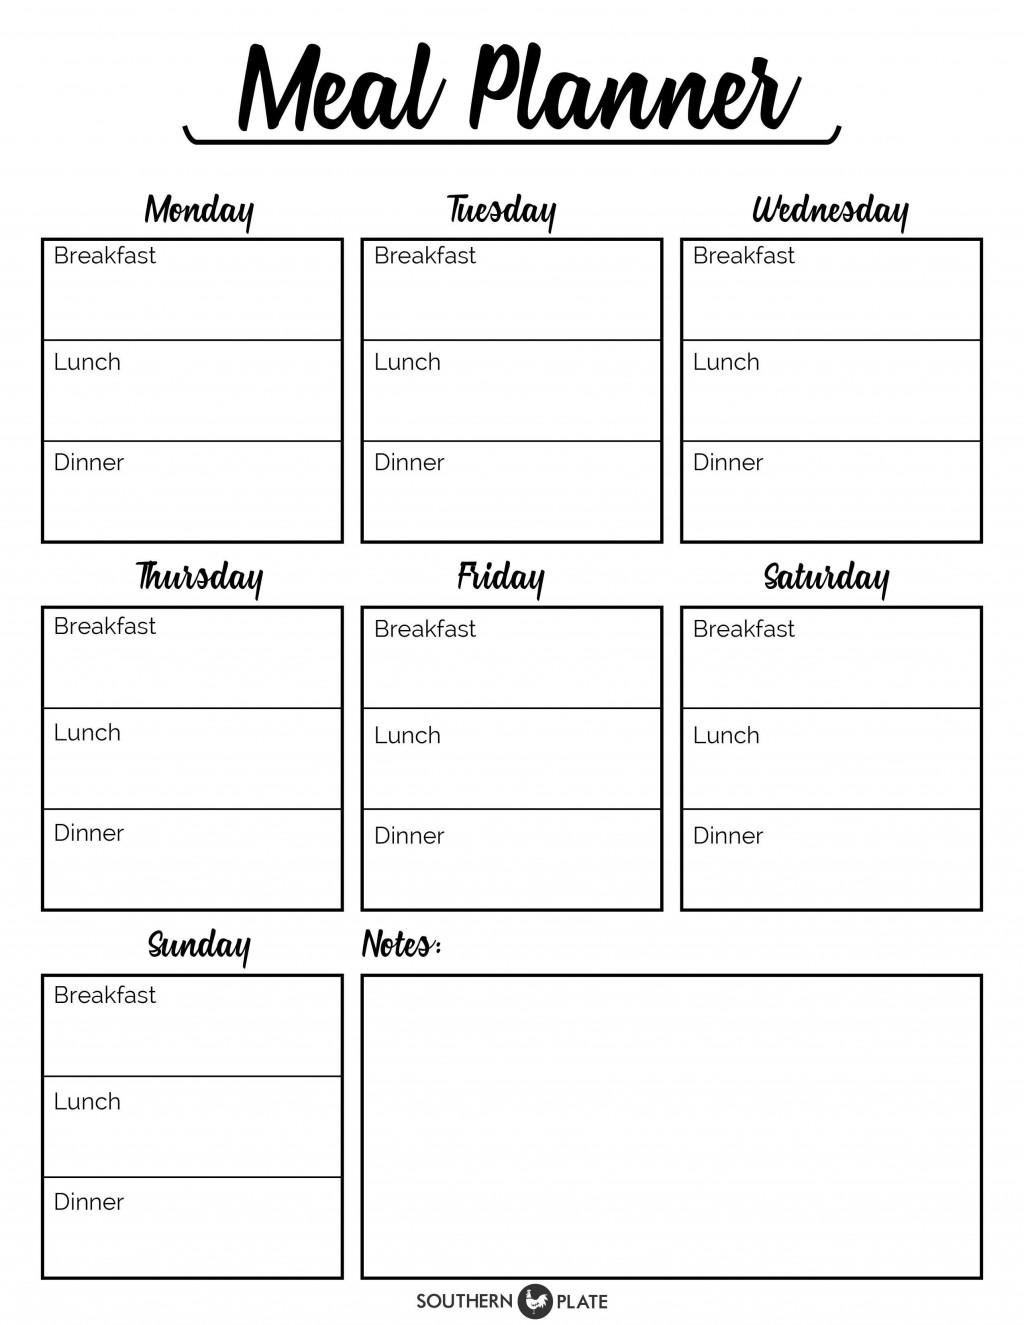 001 Wonderful Weekly Meal Planning Worksheet Pdf Idea  FreeLarge